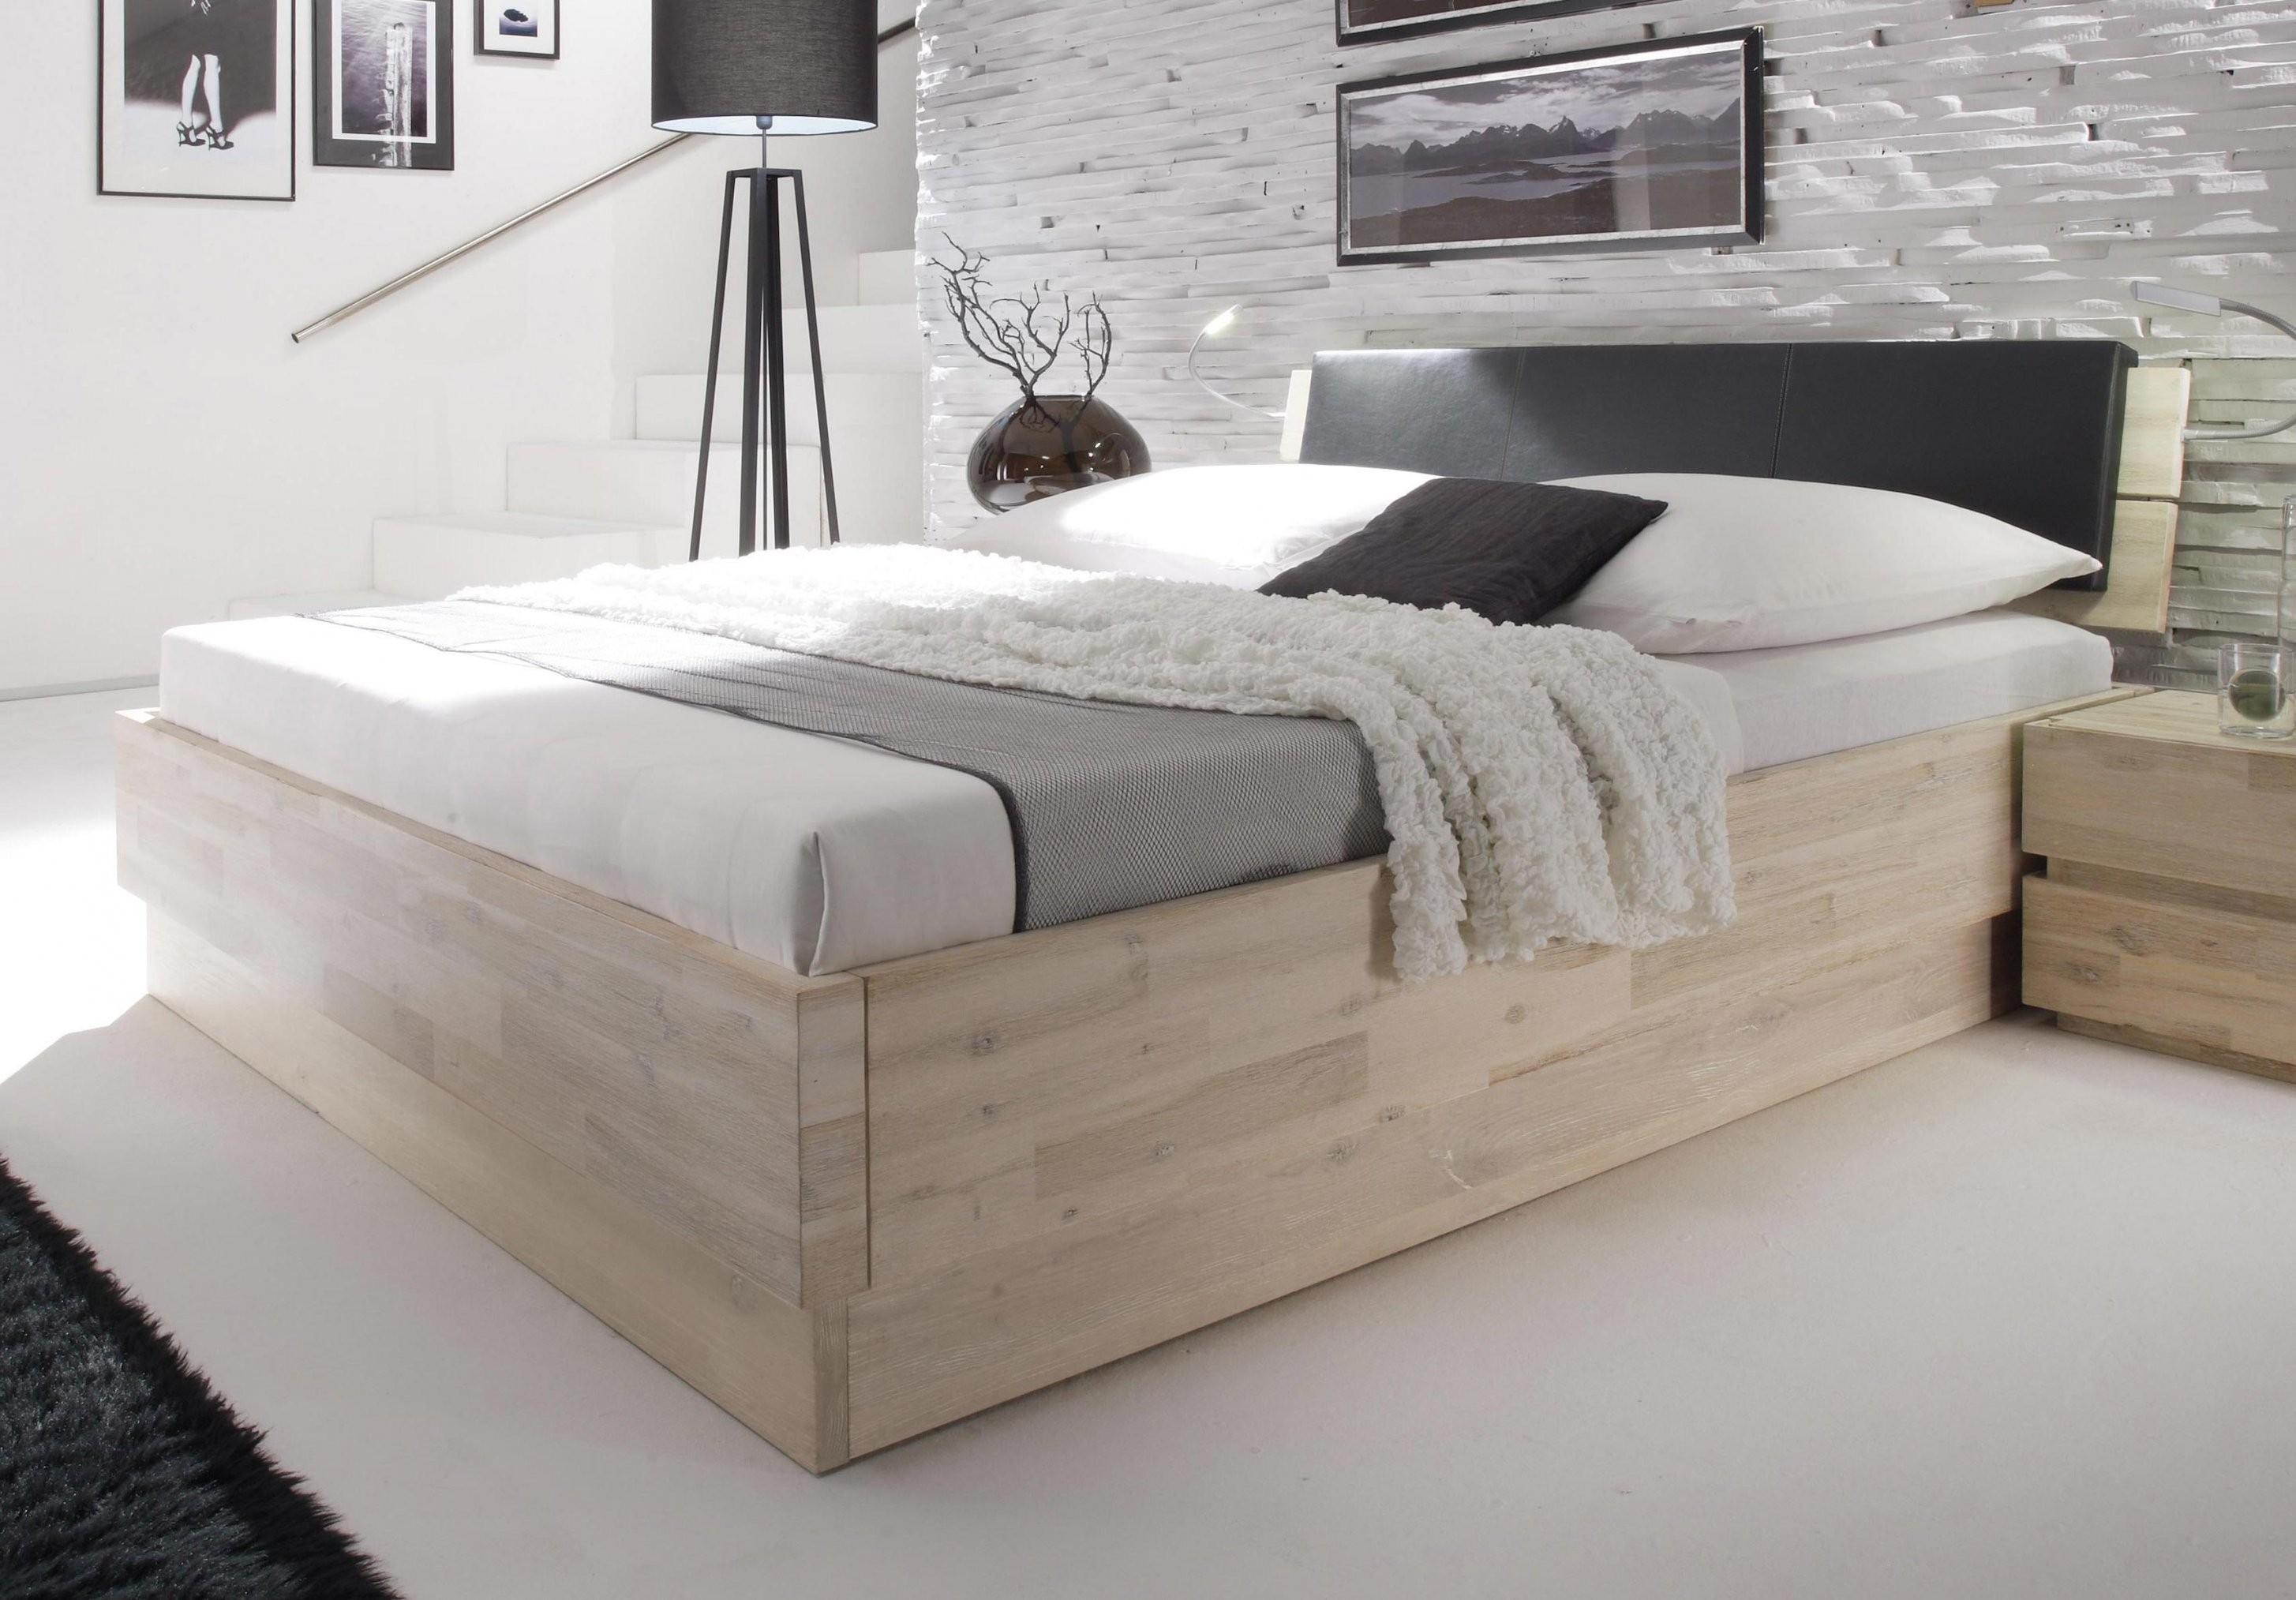 Bett 200X200 Komforthöhe Bemerkenswert Auf Kreative Deko Ideen Mit 11 von Bett 200X200 Komforthöhe Bild